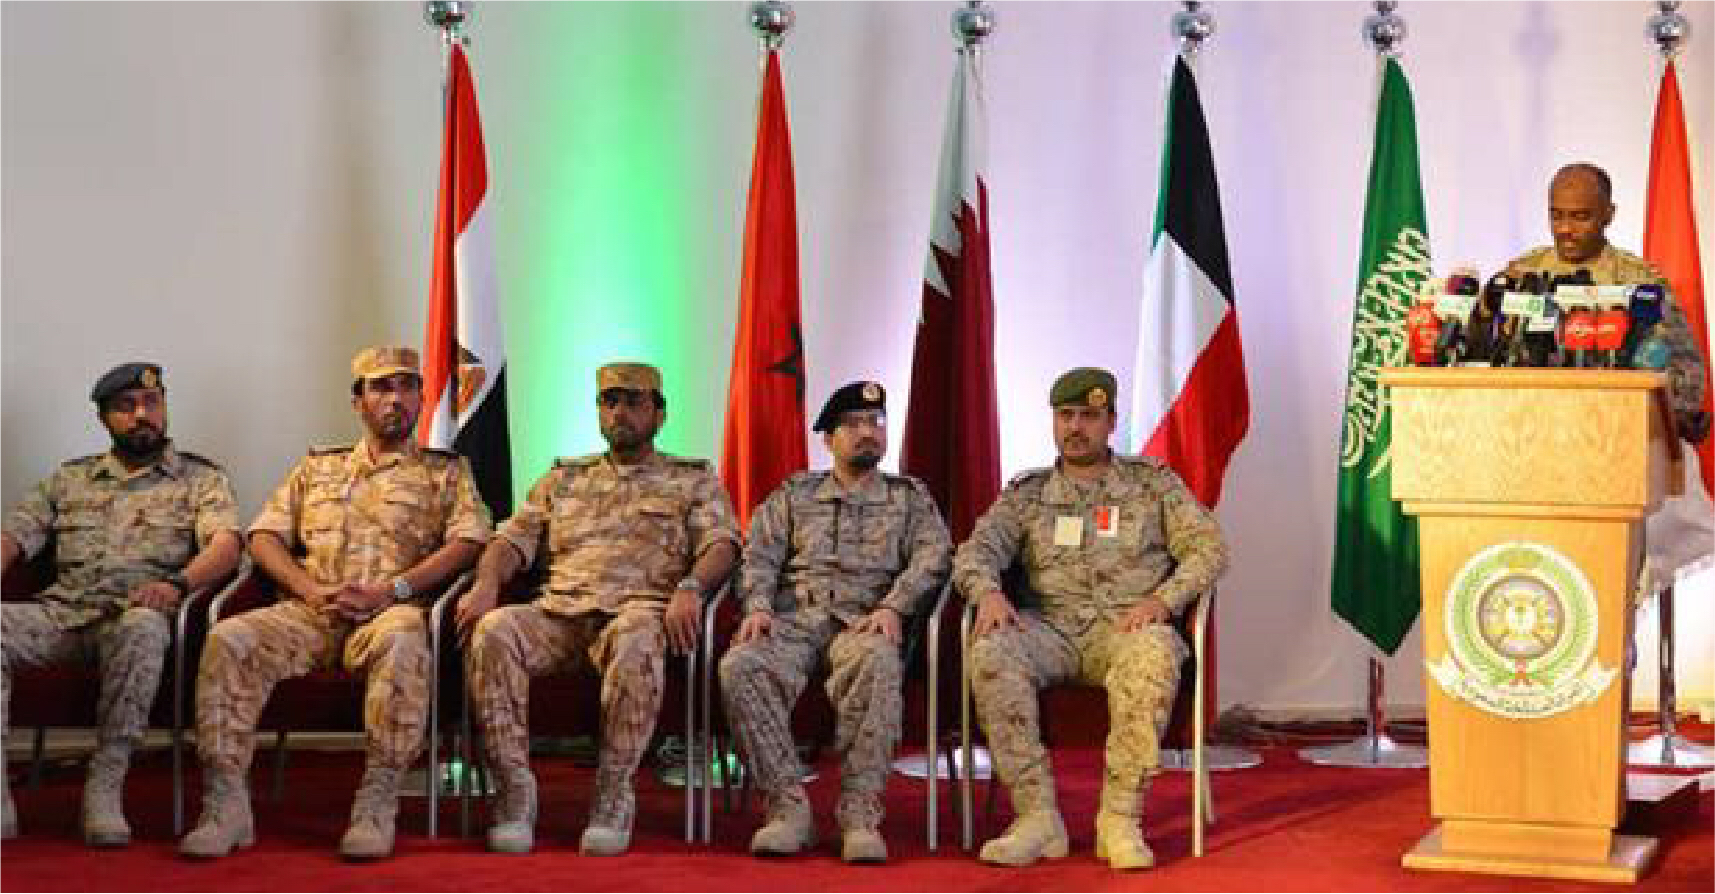 صورة التحالف العربي يستنكر اهتمام الإعلام بقصفَه فندقاً وسوقاً في اليمن وكأنَّ الأمر غريب عليه